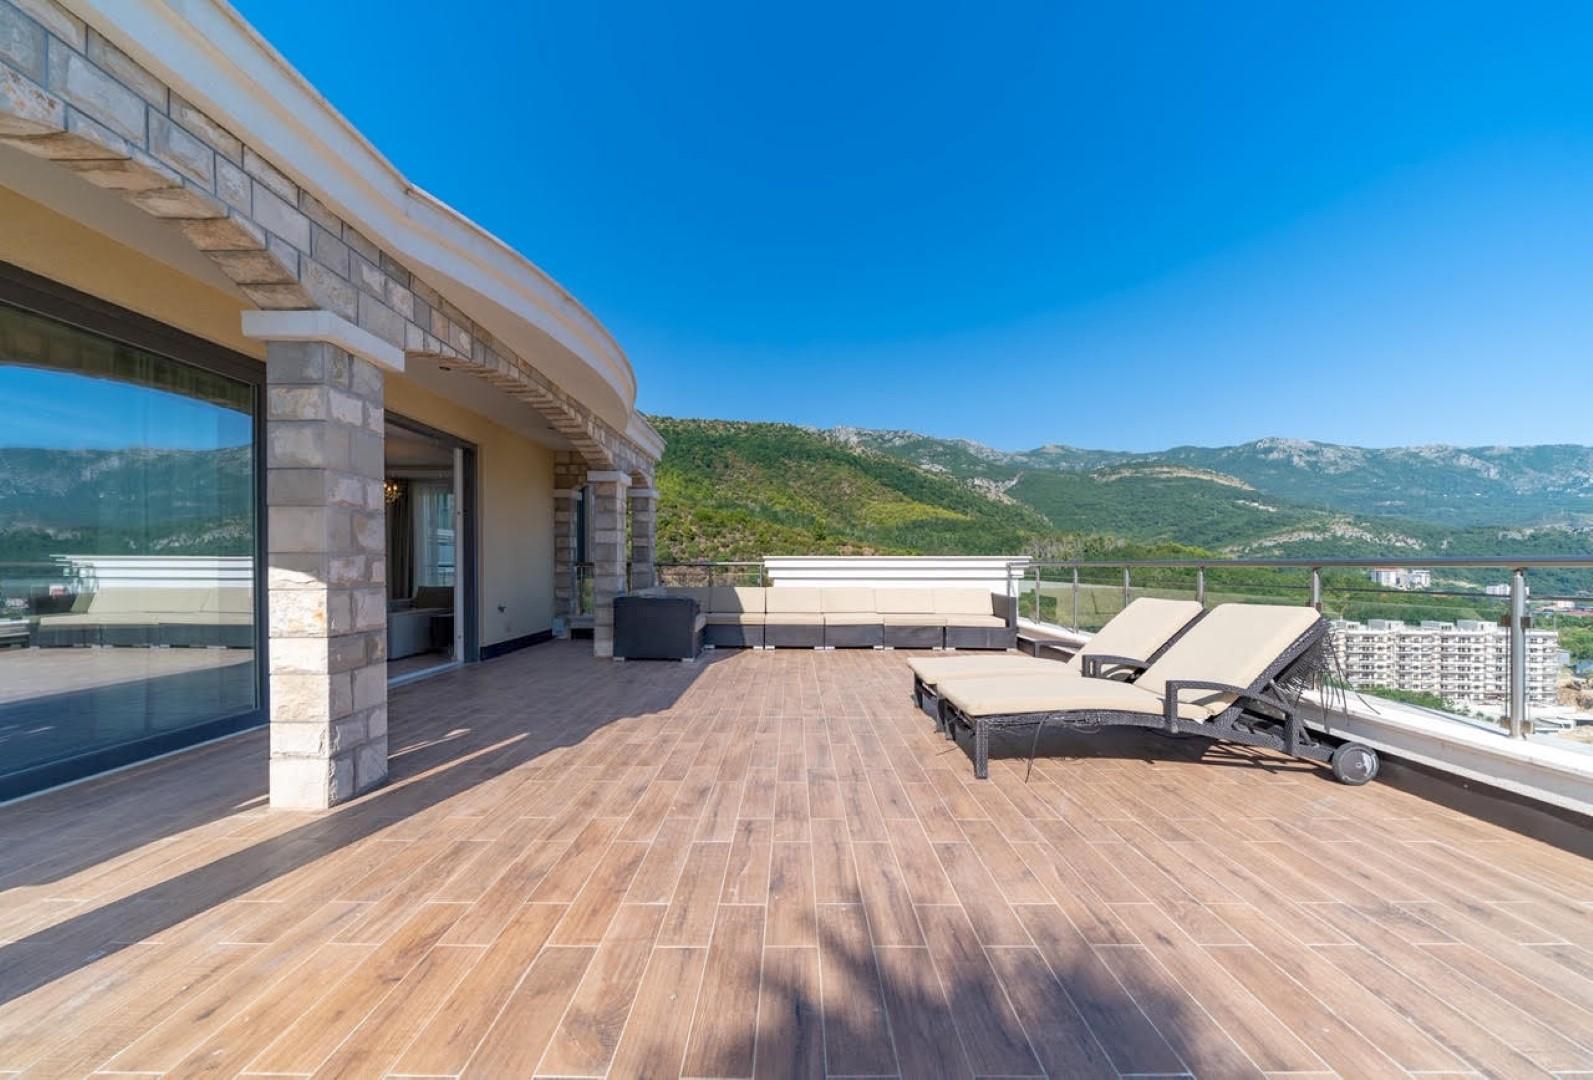 Budva, Bečići – dupleks apartman s pogledom na more, u kompleksu s bazenom